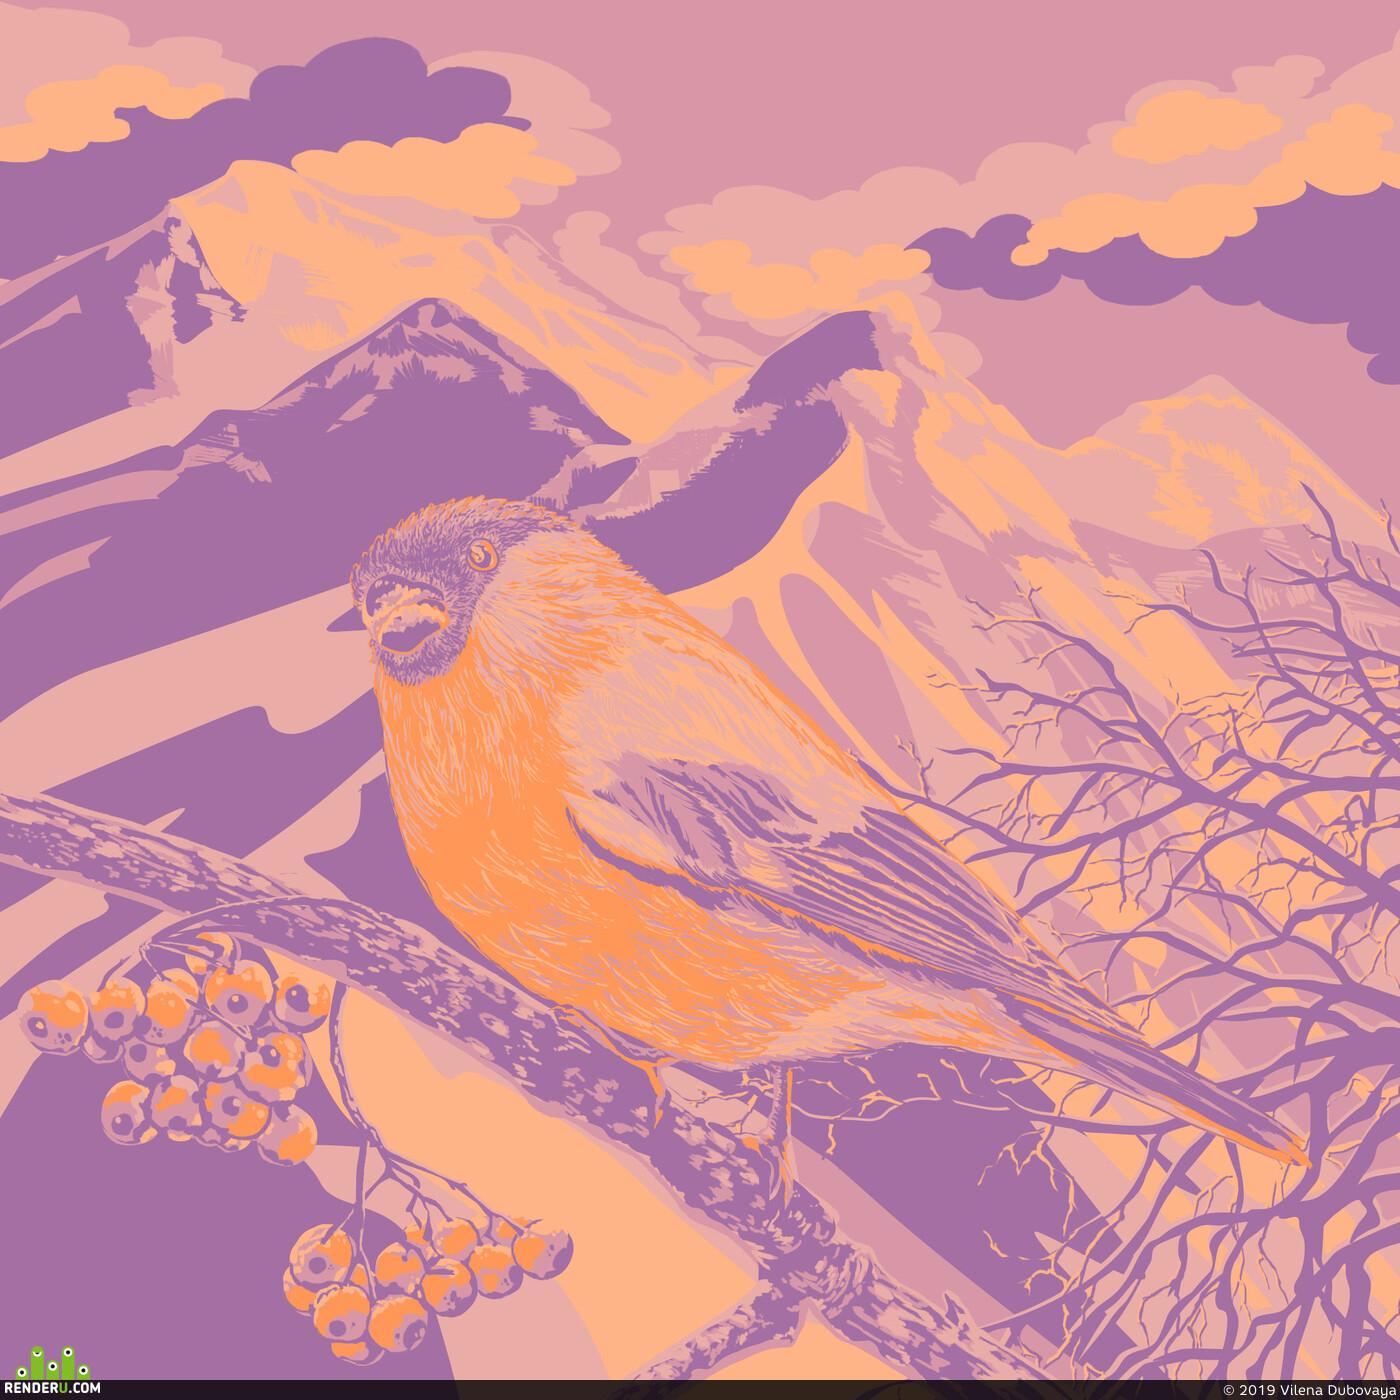 снегирь, птица, ветка, рябина, горы, облака, дерево, Пейзаж